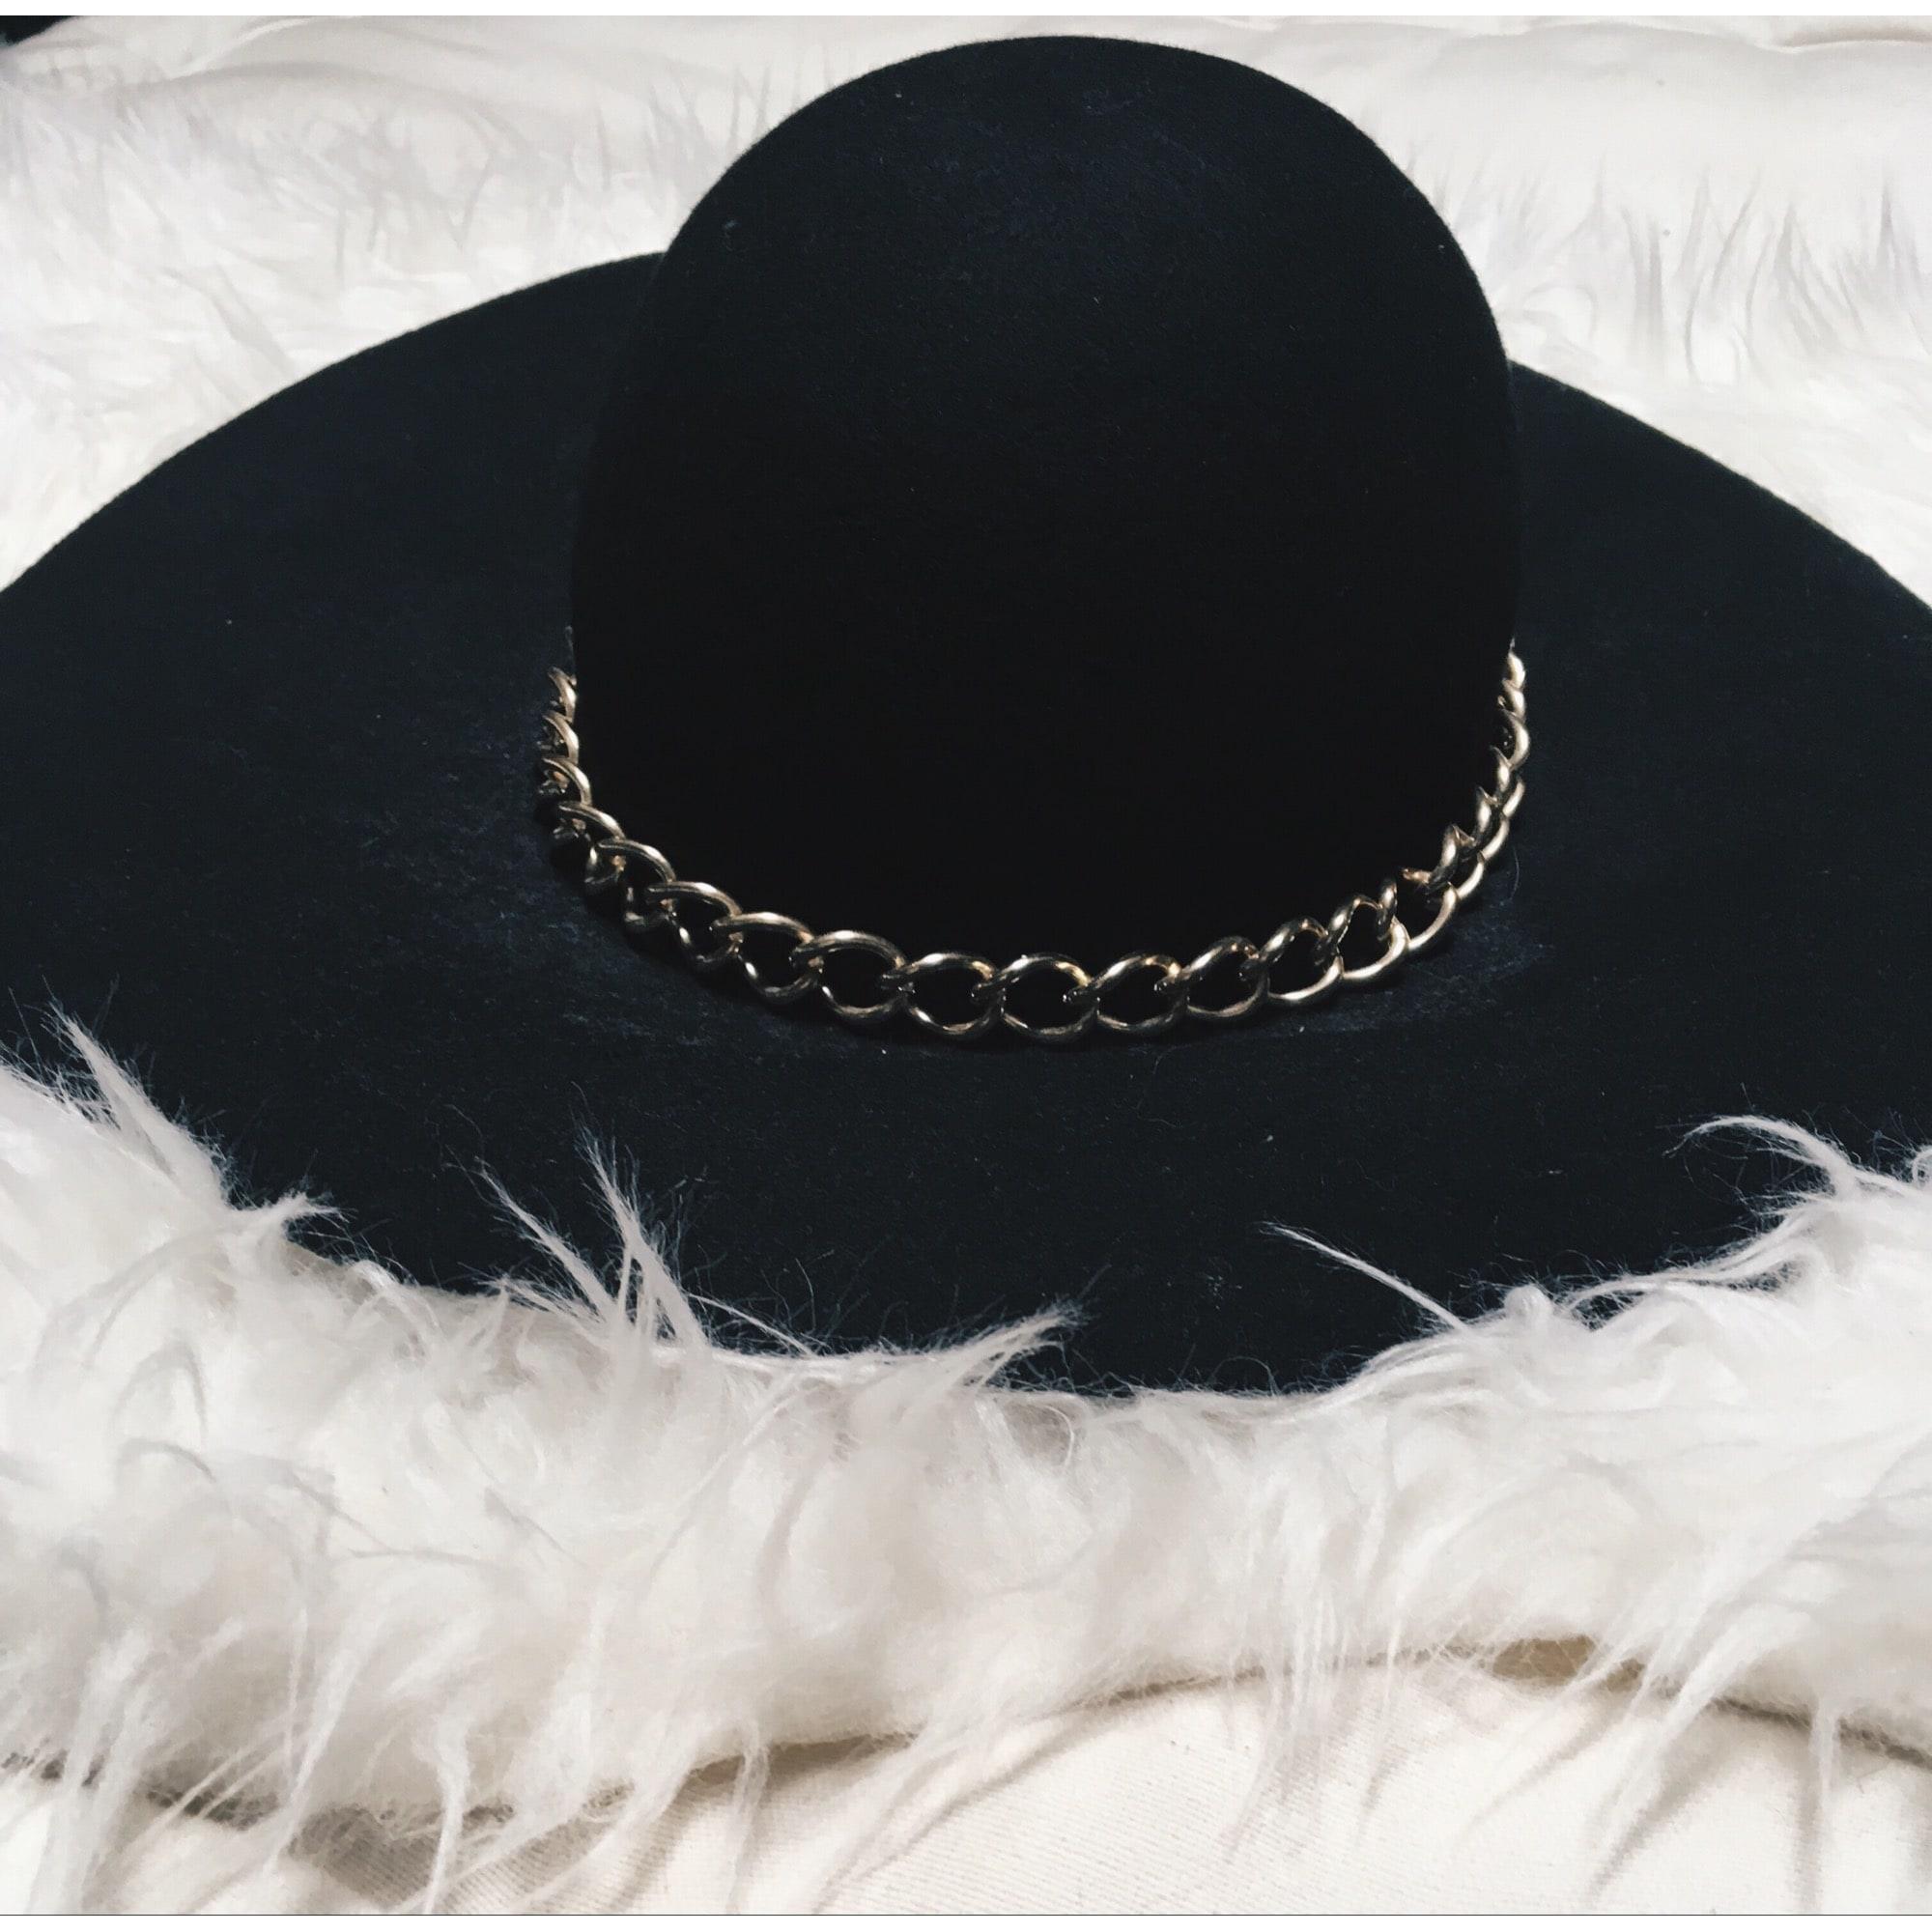 35f6b5e677ed5 Chapeau ZARA Taille unique noir - 7508075